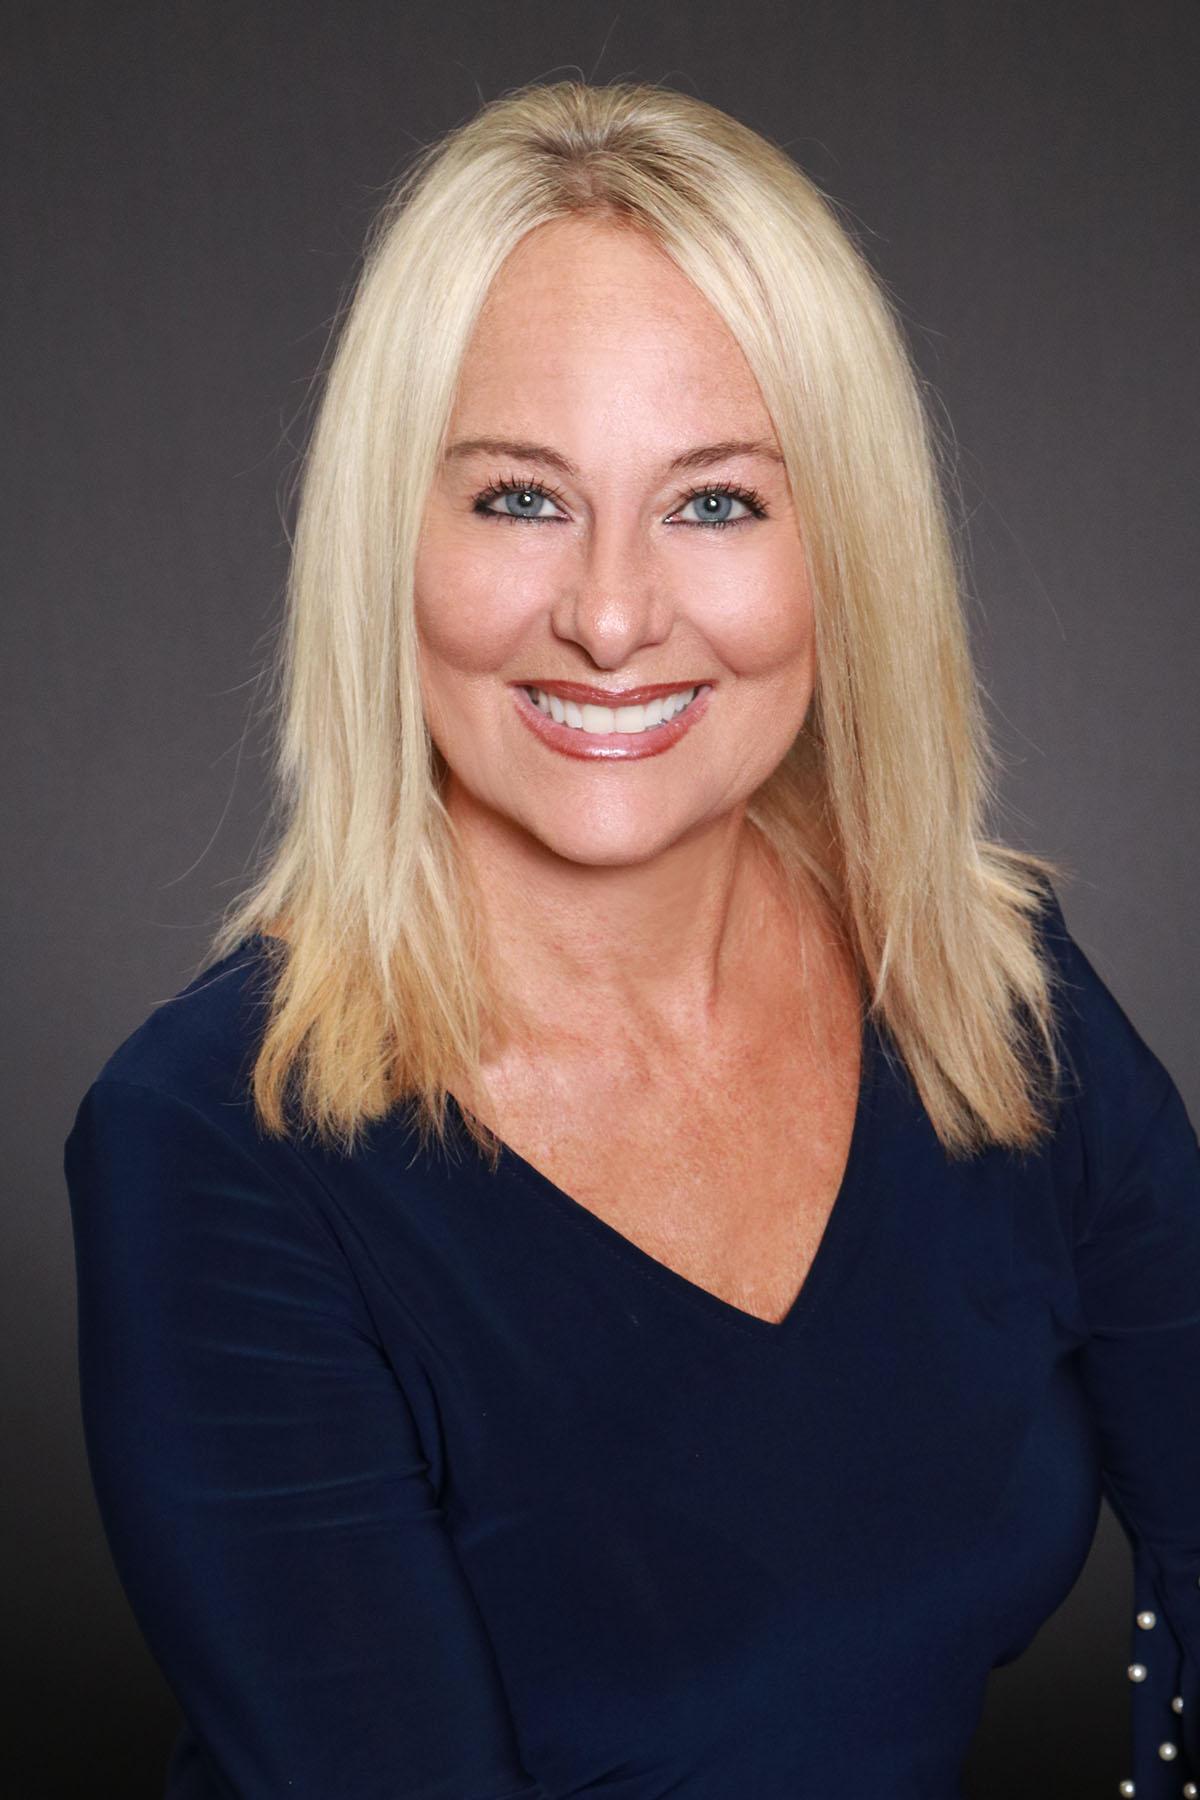 Michele OBrien